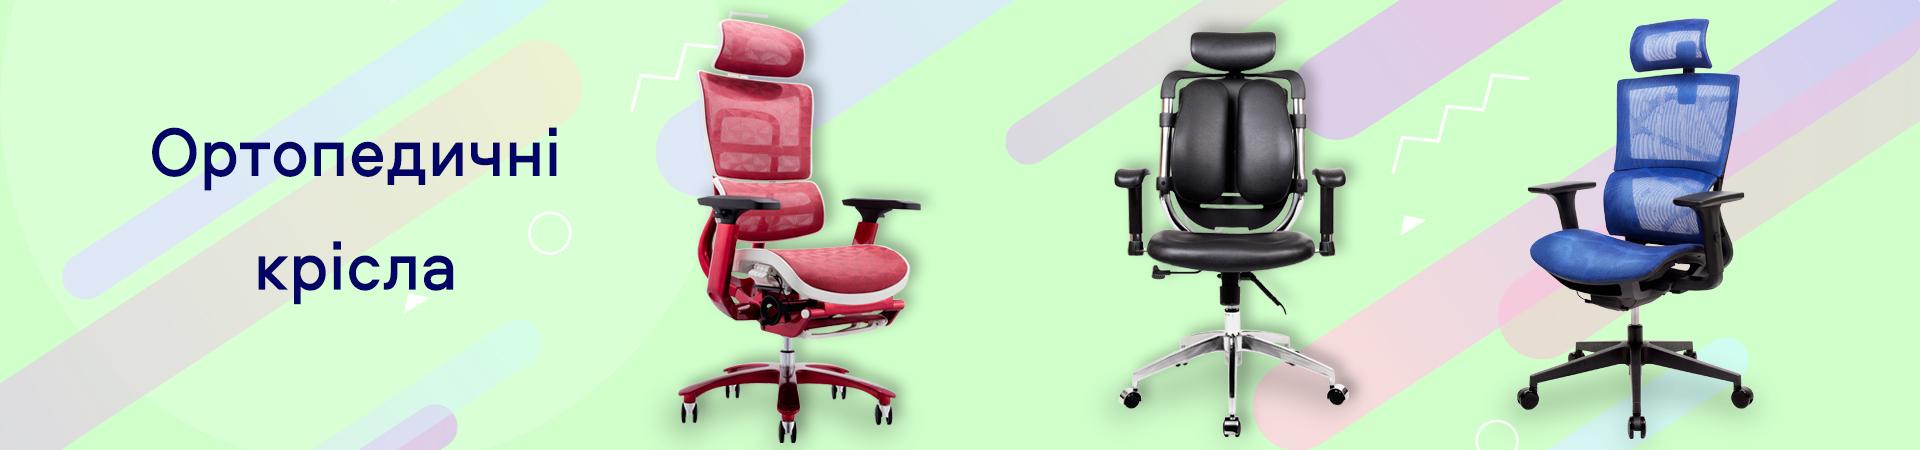 Ортопедичні крісла Висота сидіння 47-58 см